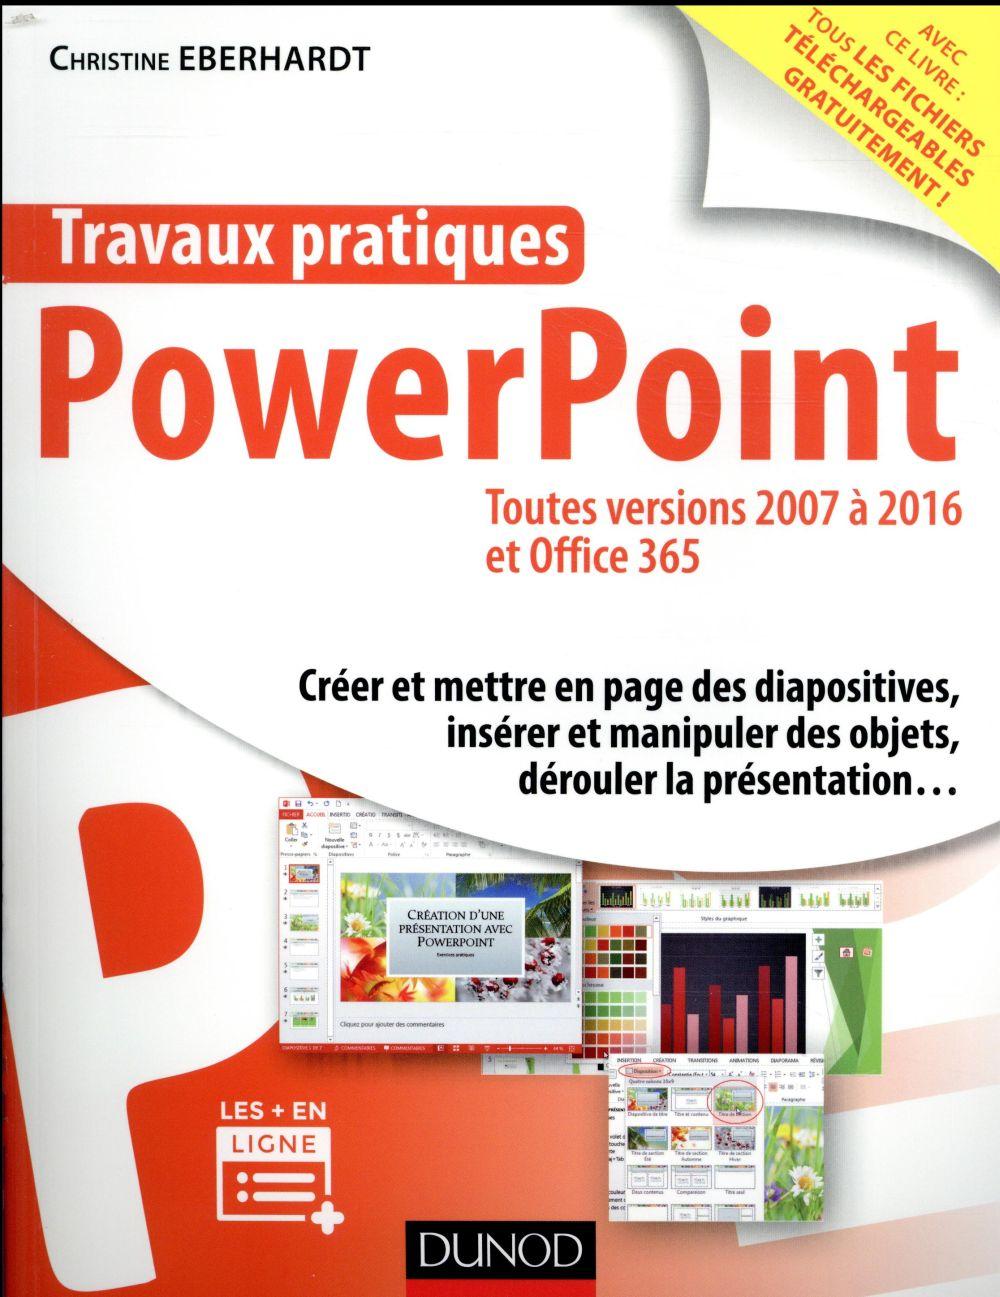 TRAVAUX PRATIQUES   POWERPOINT   TOUTES VERSIONS 2007 A 2016 ET OFFICE 365